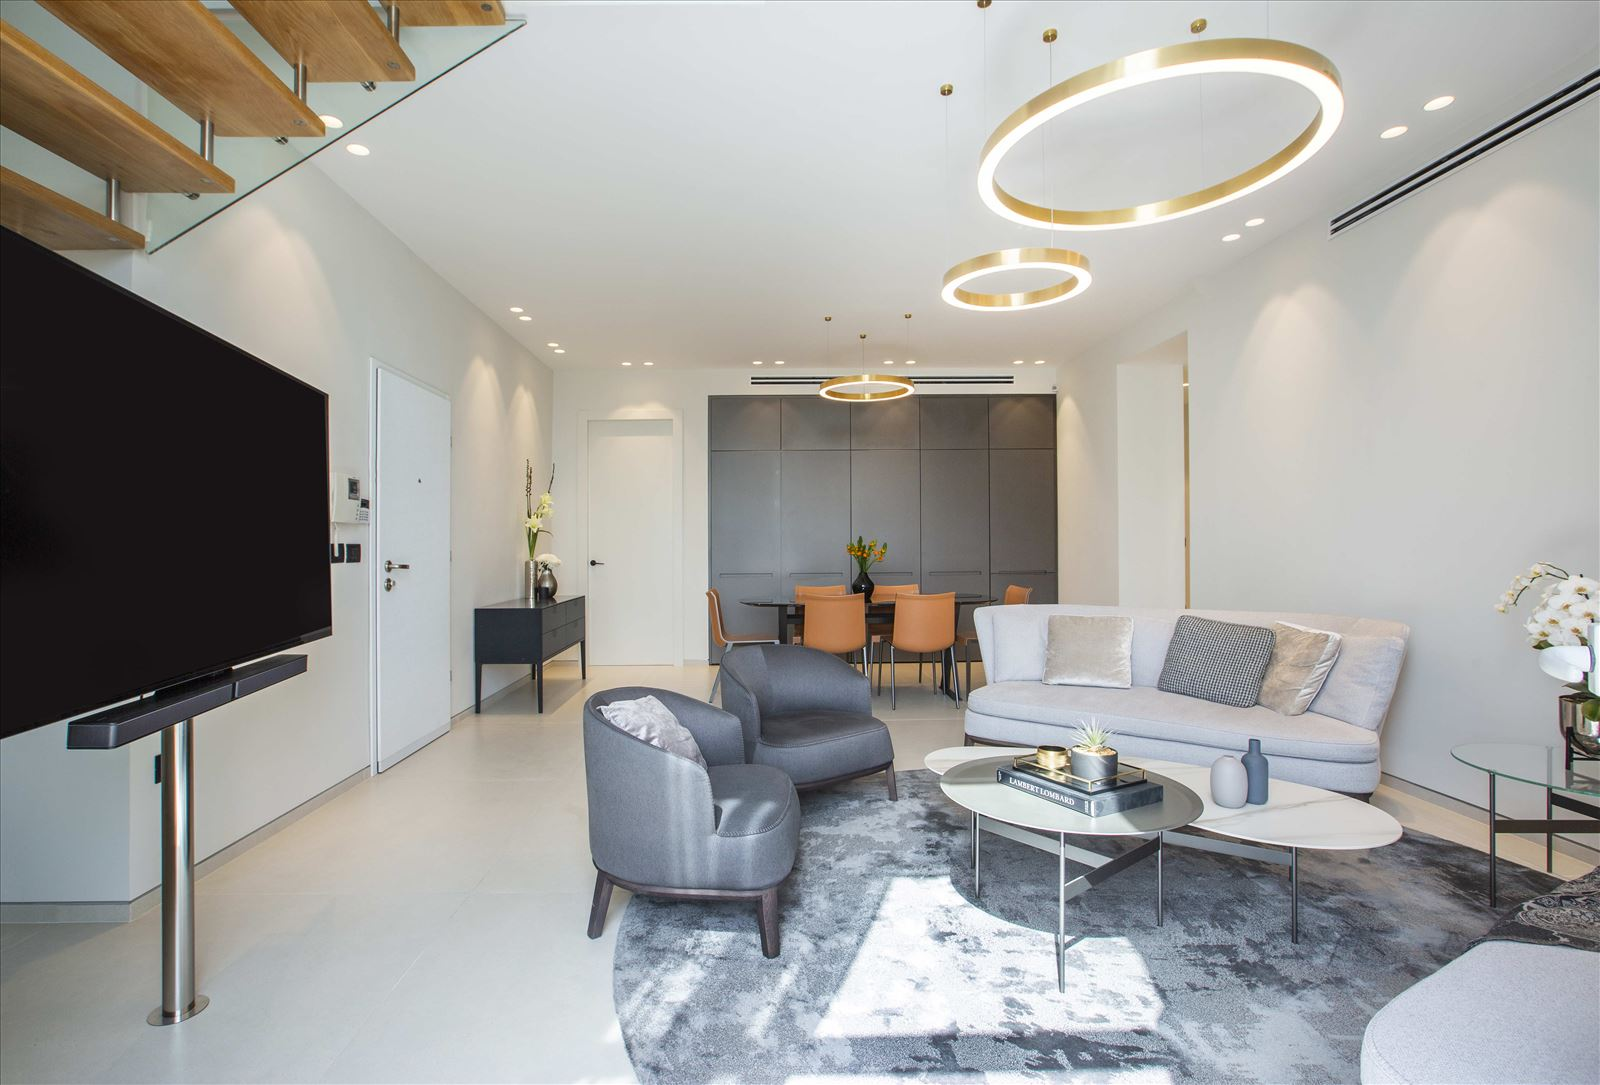 Tel Aviv apartment in Parisian aroma תאורה בחלל הסלון מבית דורי קמחי